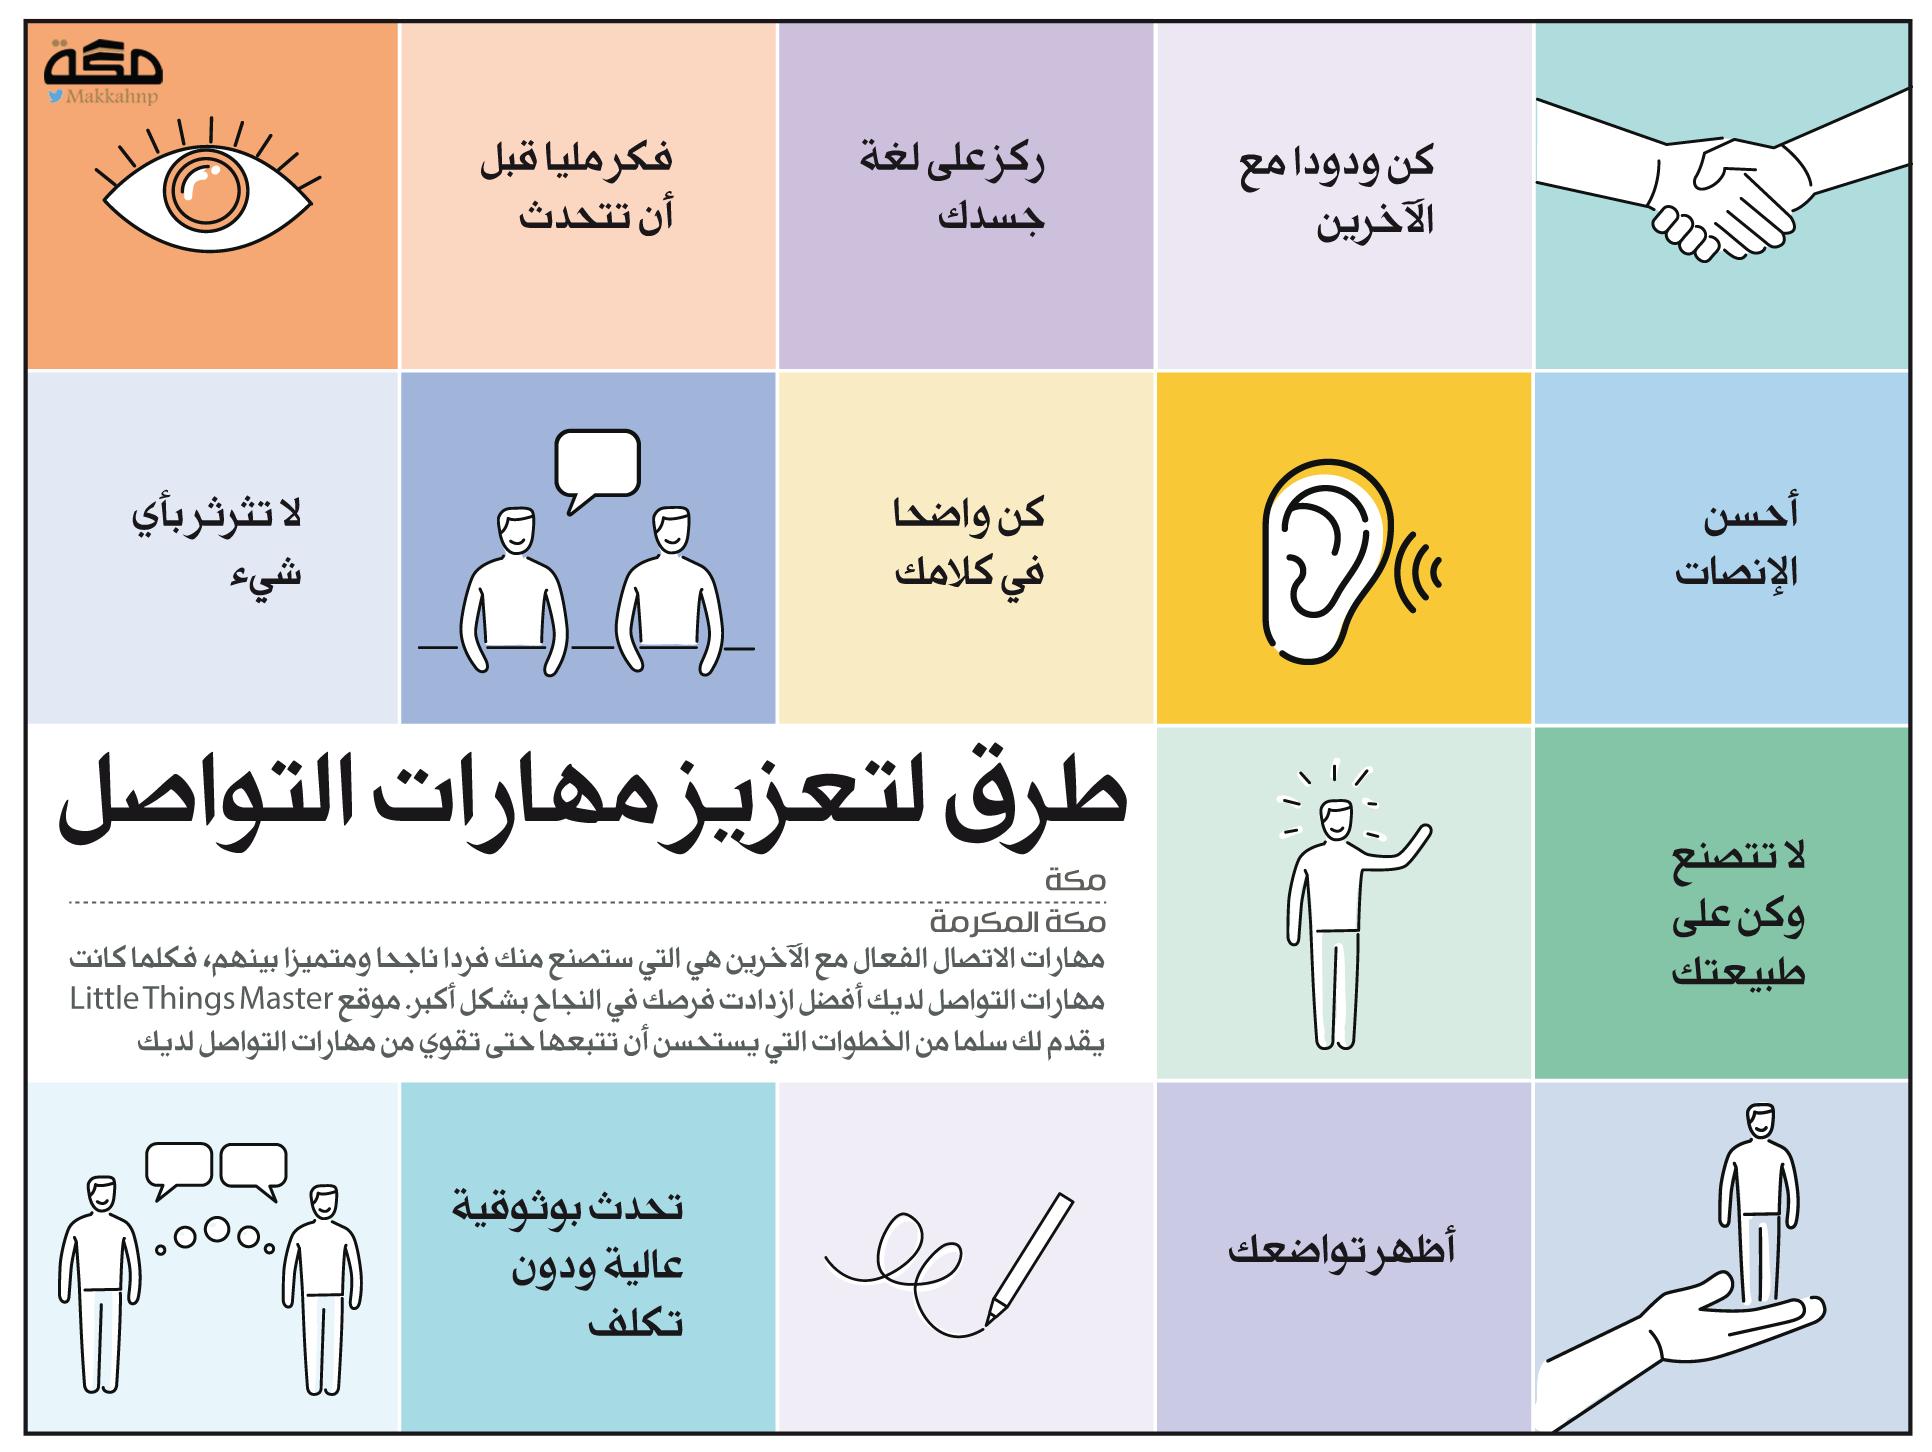 طرق لتعزيز مهارات التواصل انفوجرافيك مهارات التواصل Infographic Communication Skills صحيفة مكة Infographic Map Screenshot Map